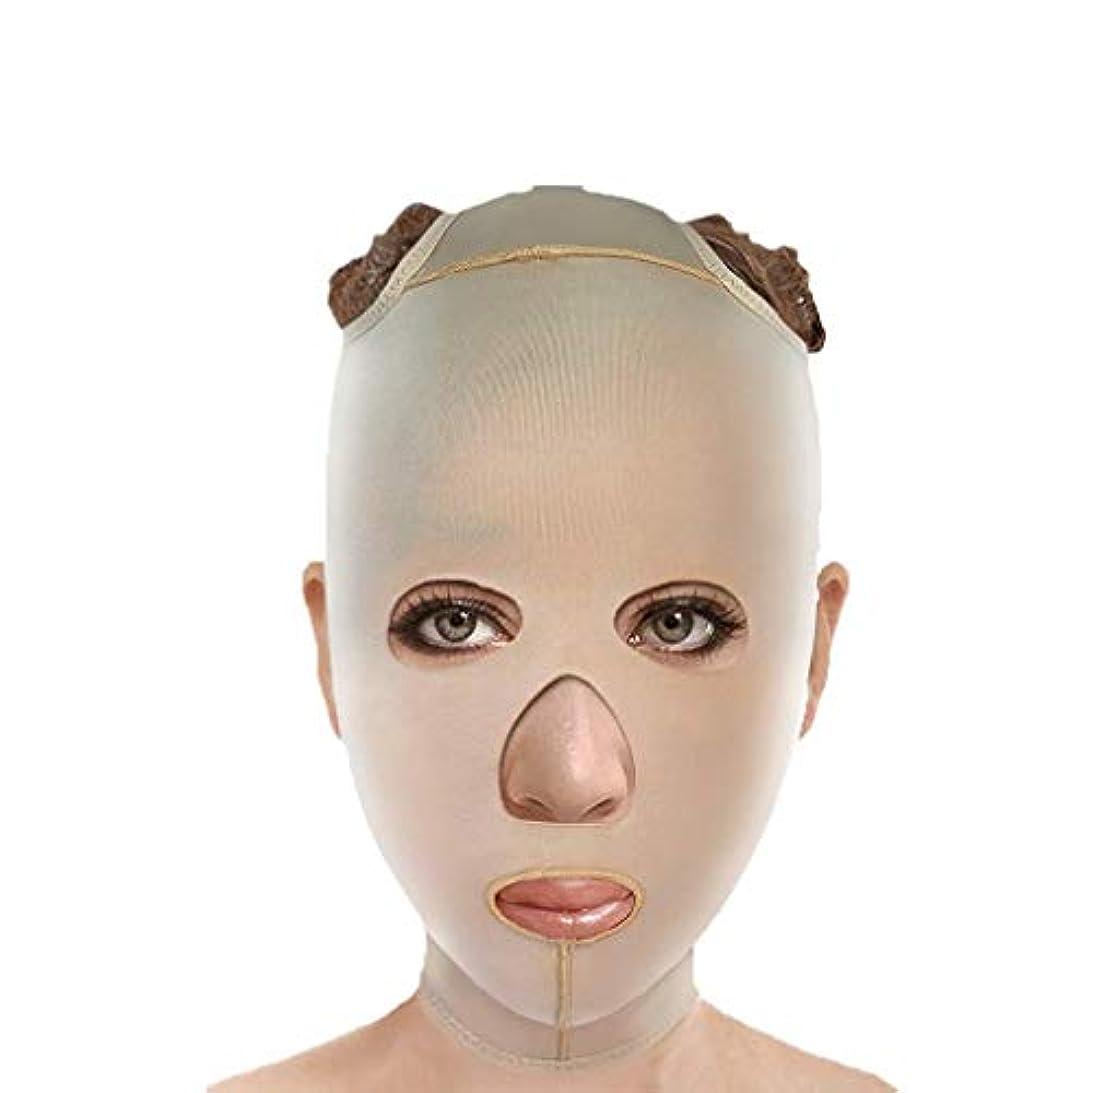 コンデンサーデッドロックチューブチンストラップ、フェイスリフティング、アンチエイジングフェイシャル包帯、フェイシャル減量マスク、ファーミングマスク、フェイシャルリフティングアーティファクト(サイズ:S),ザ?